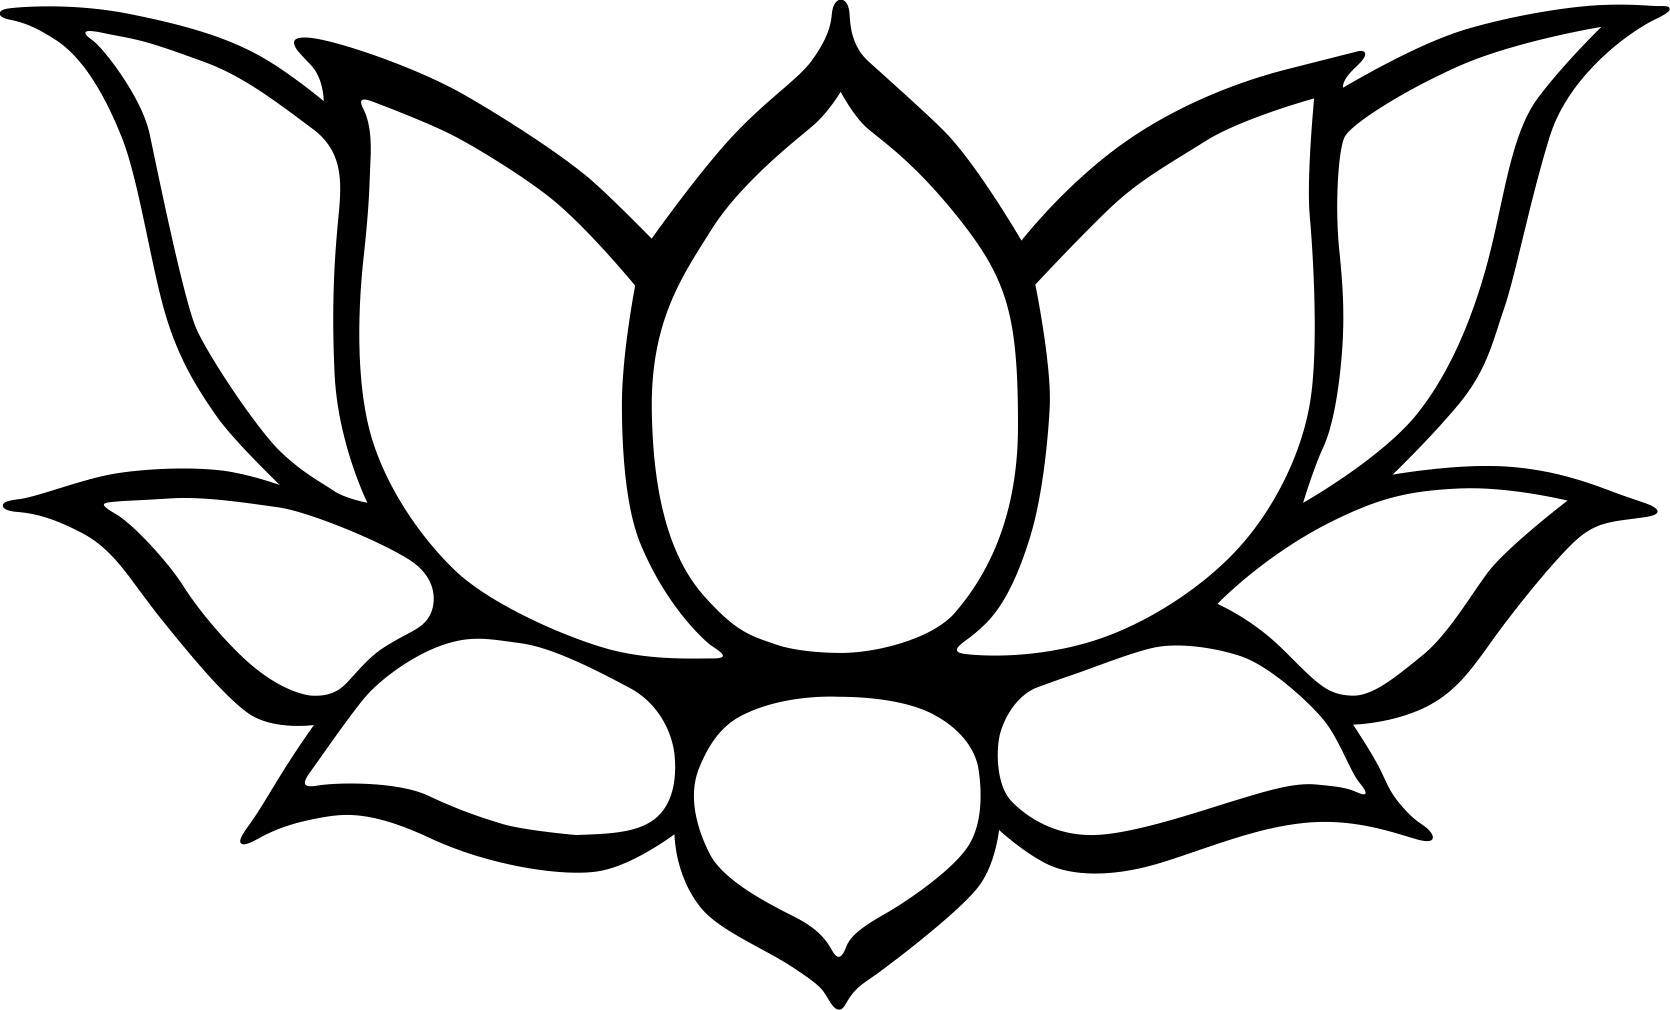 Lotus Flower Clipart Black White.